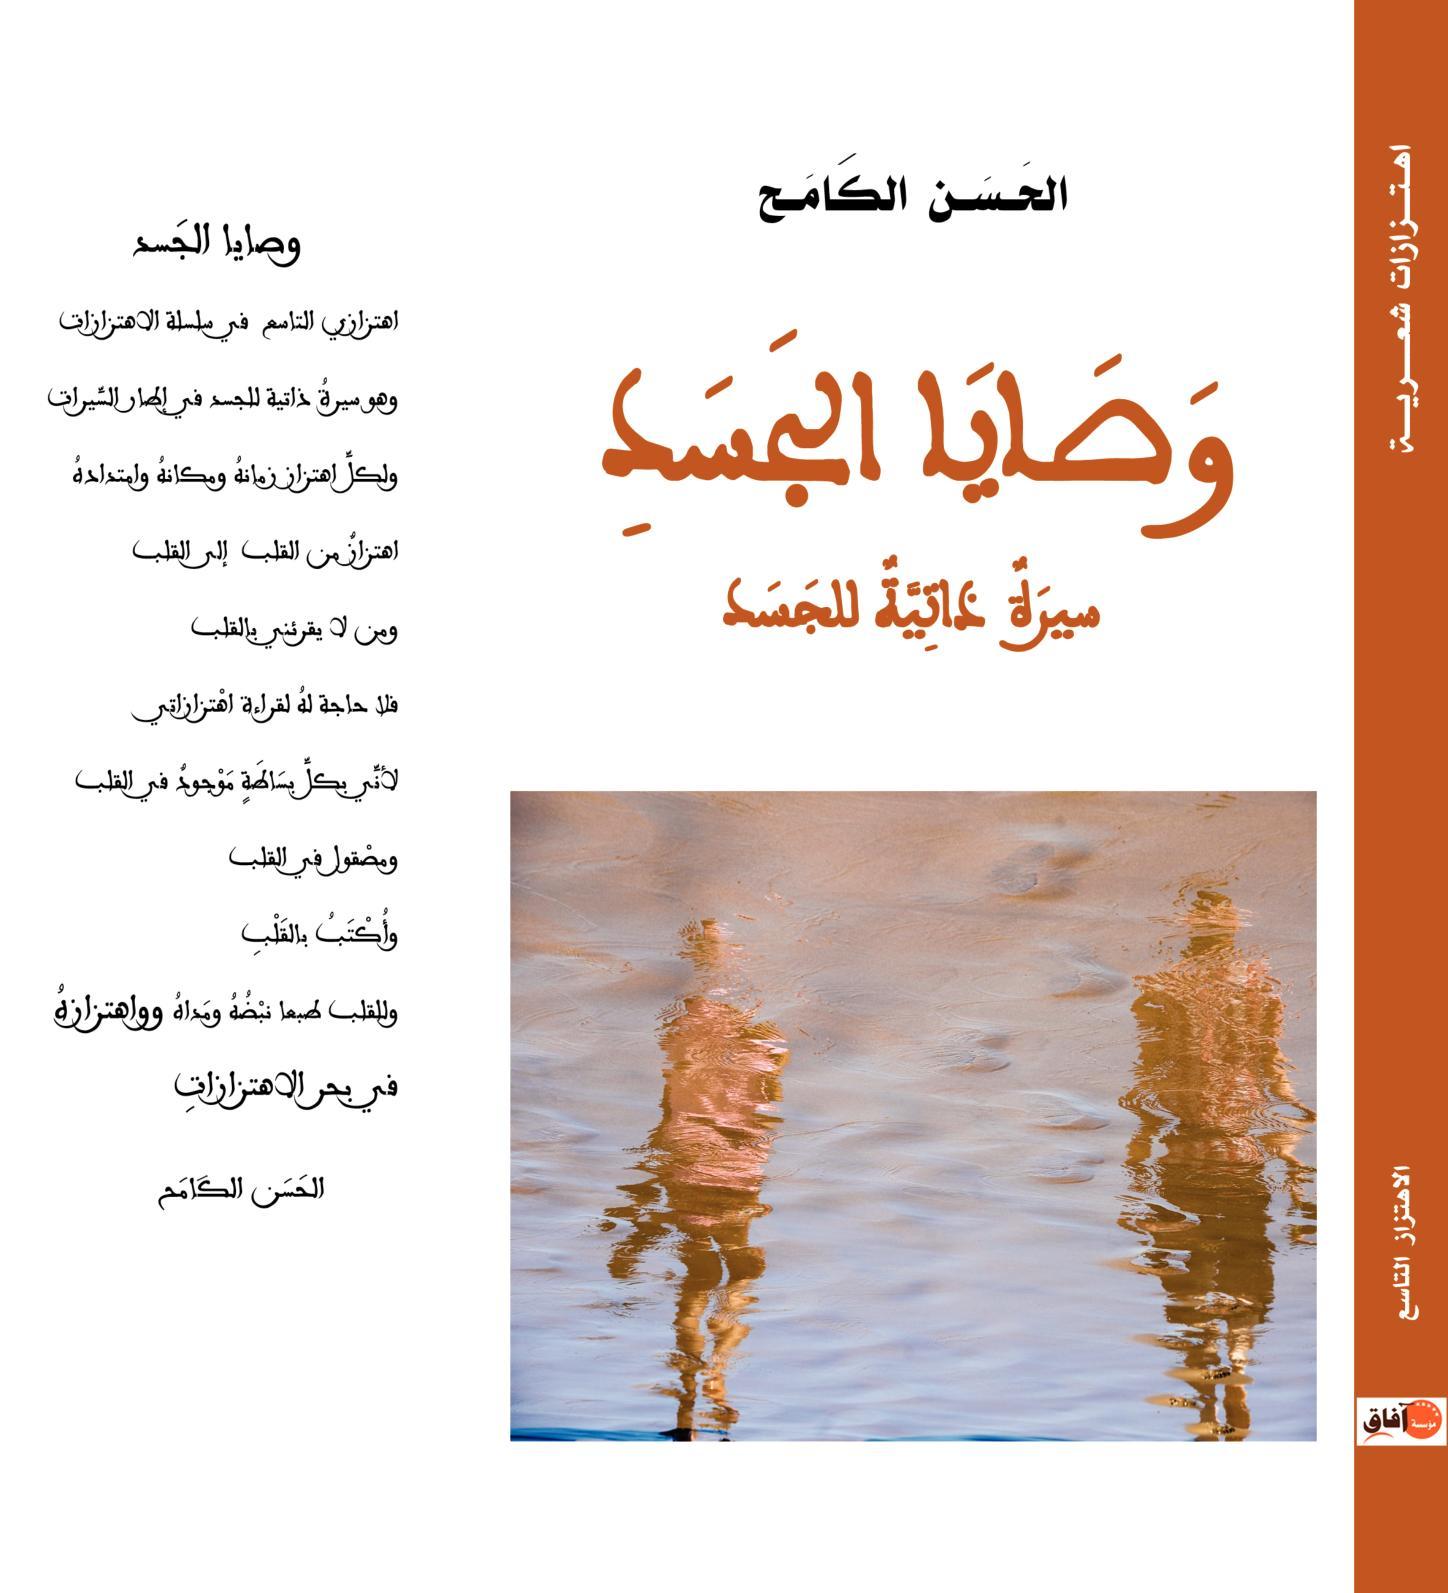 b611f28f1 Calaméo - ديوان وصايا الجسد للشاعر الحسن الكامح